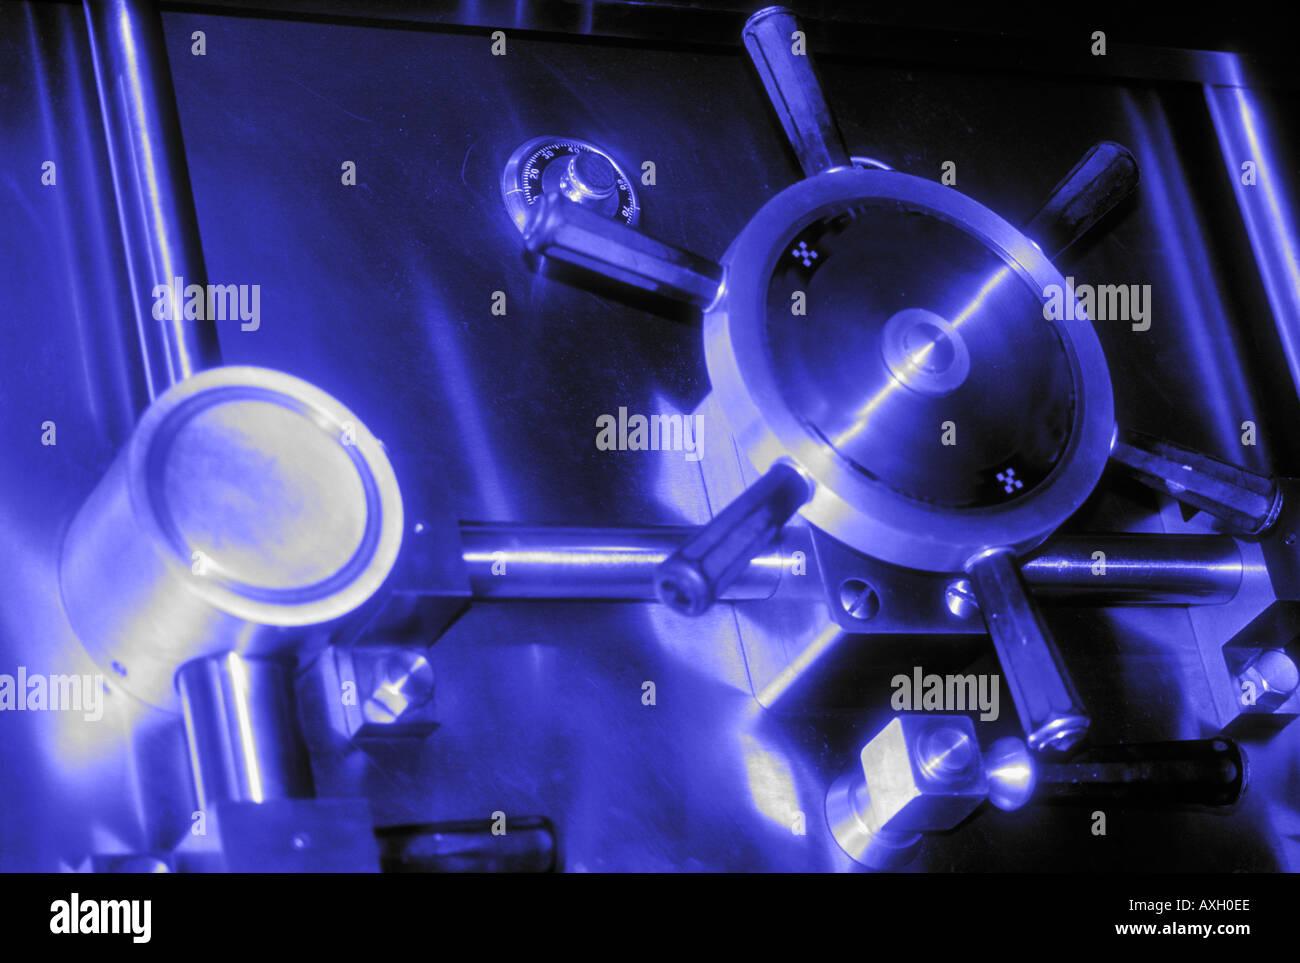 La puerta de la cámara en el banco concepto abstracto de tono azul Imagen De Stock